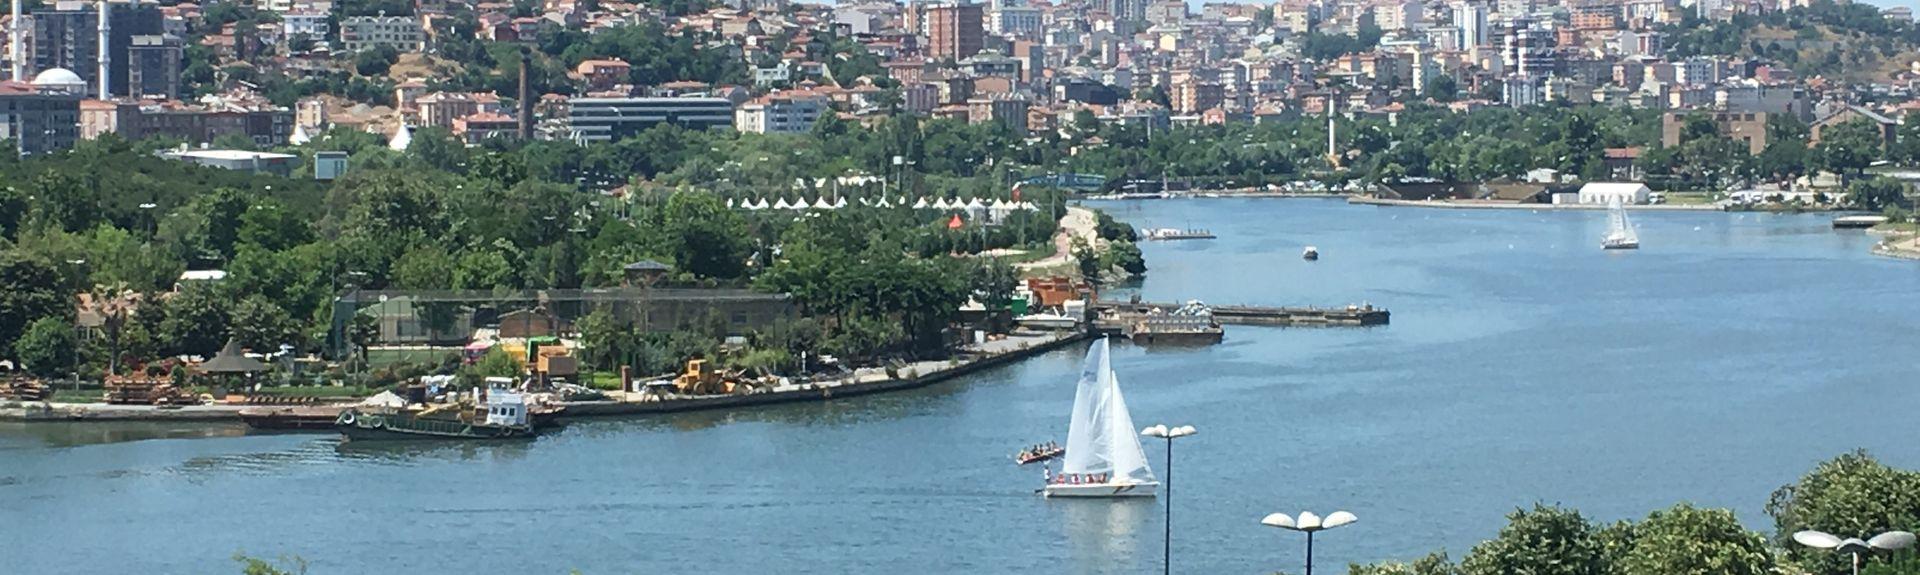 Arnavutköy, Istanbul, Turkey